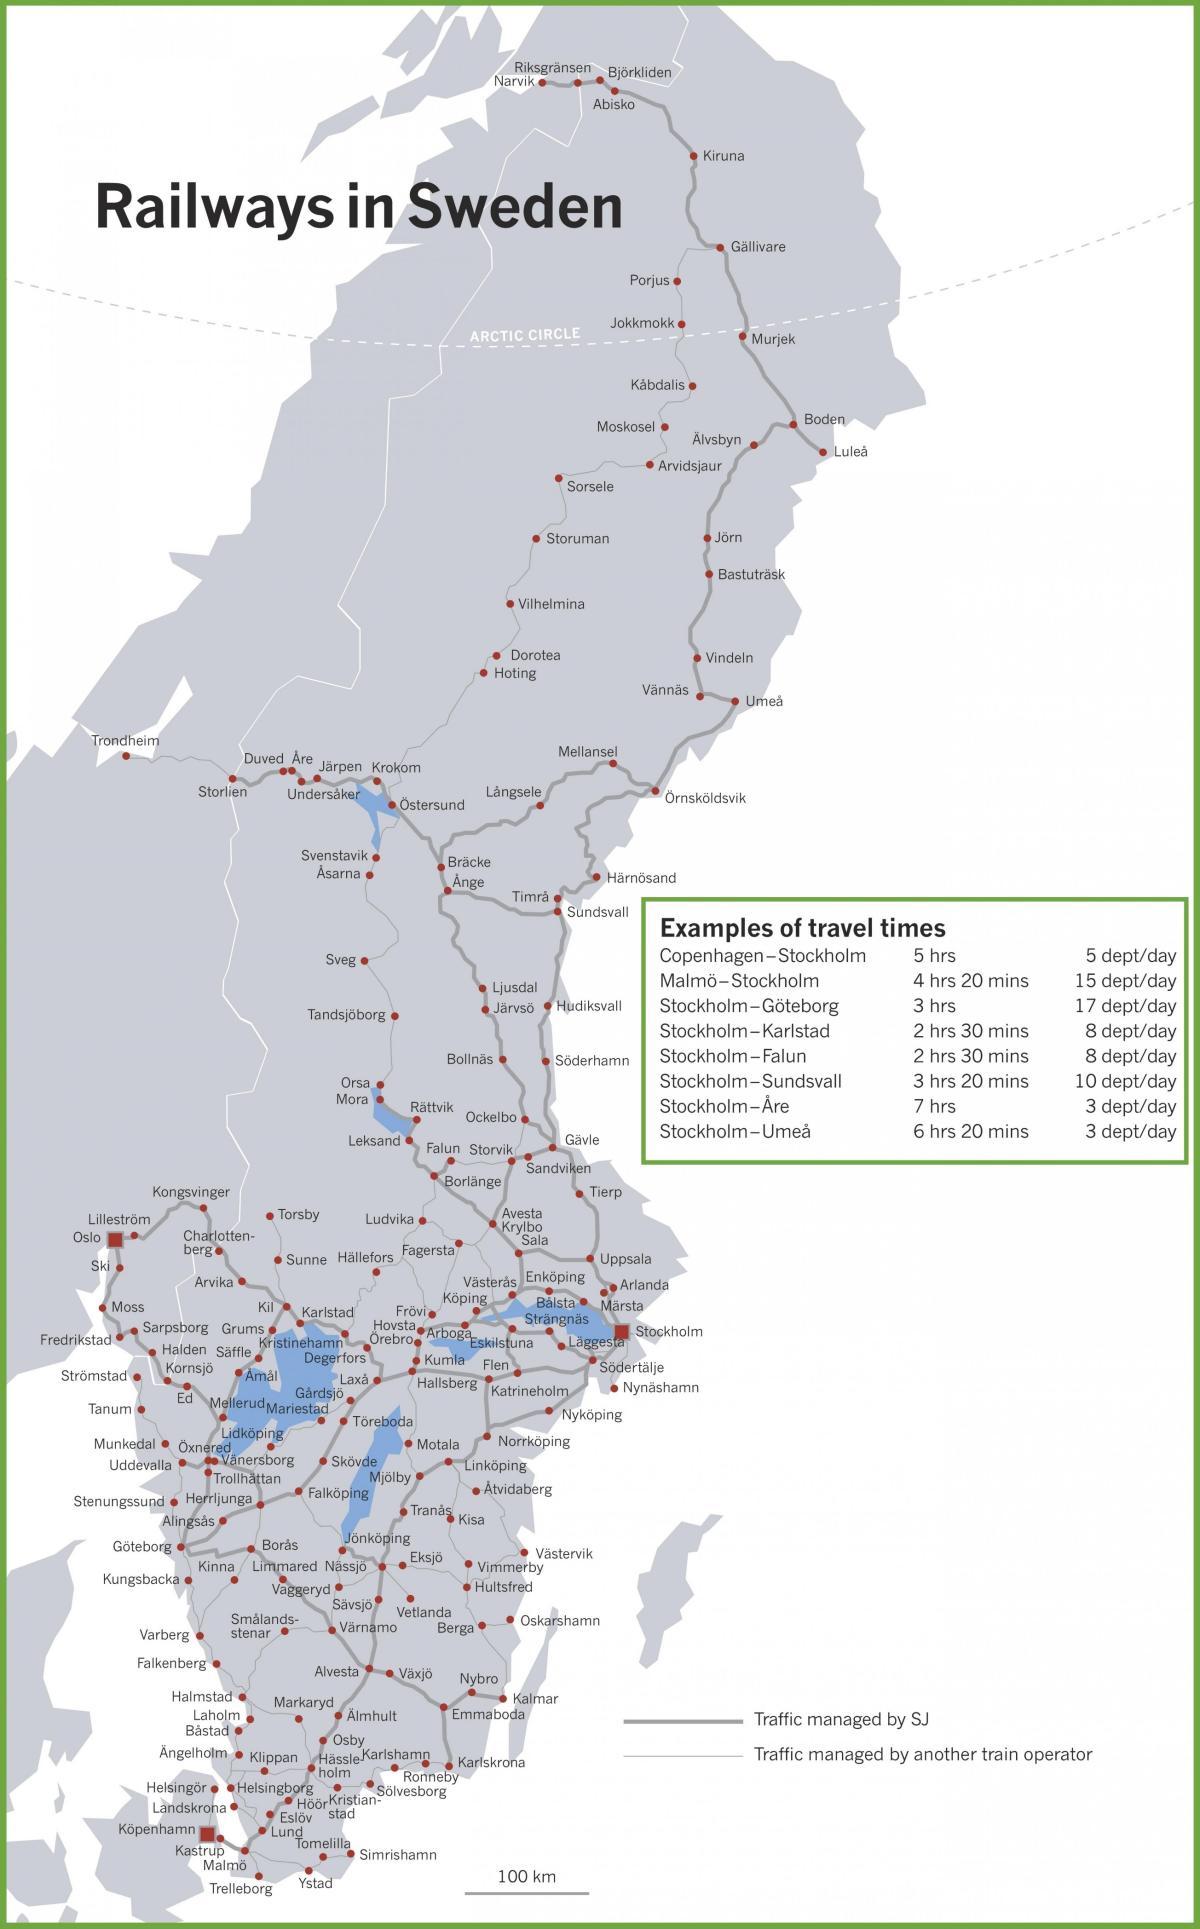 kart over boden sverige Sverige tog kart   Tog kart Sverige (Nord Europa   Europa) kart over boden sverige